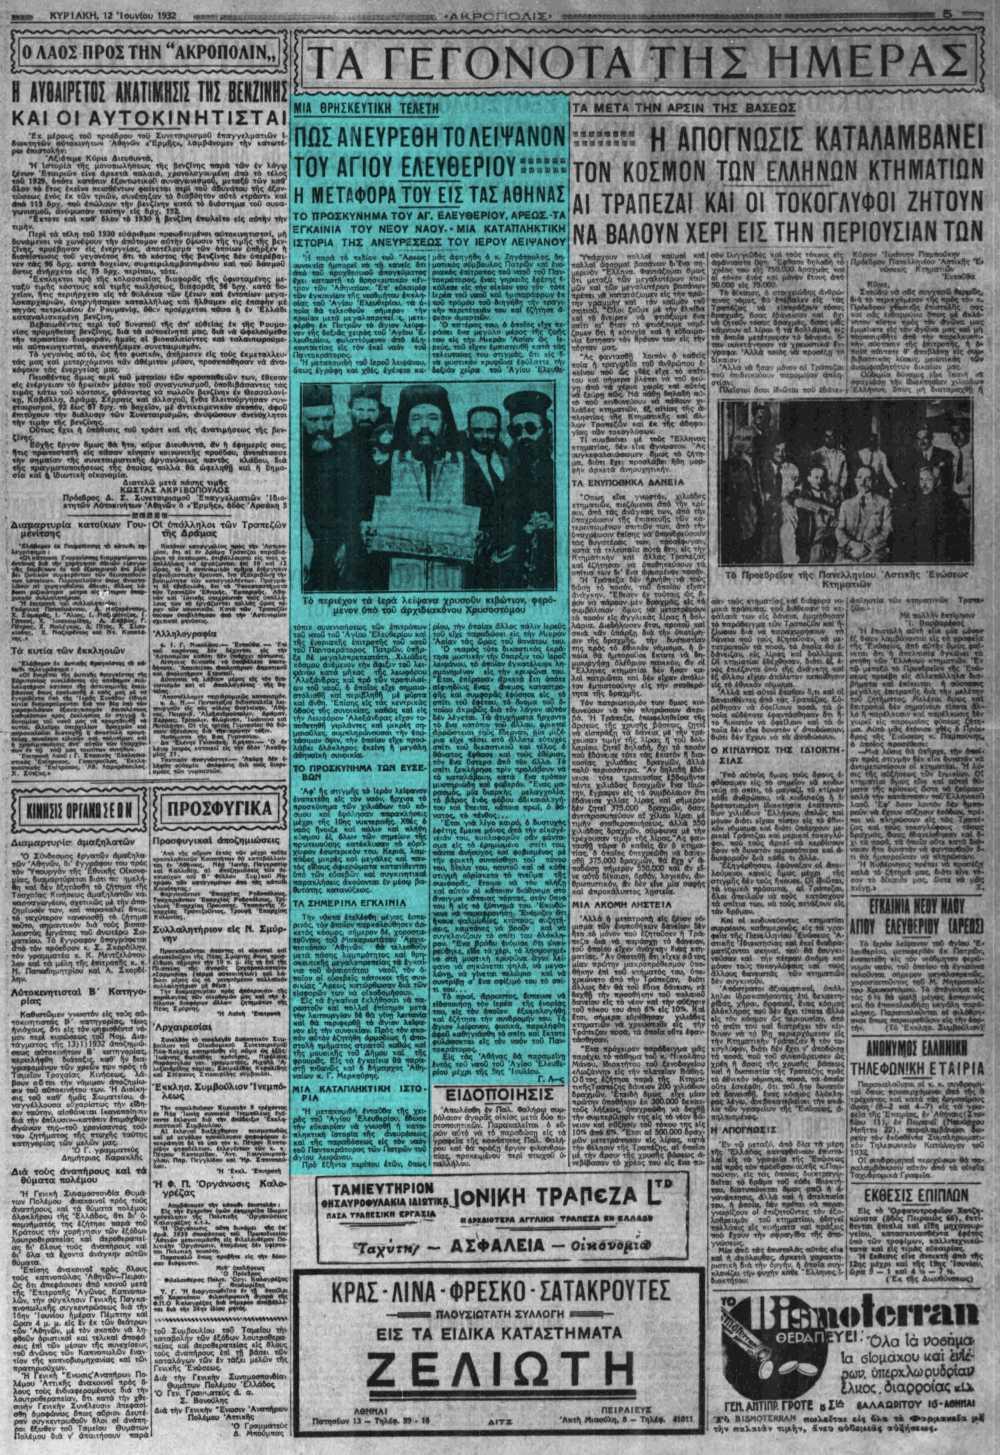 """Το άρθρο, όπως δημοσιεύθηκε στην εφημερίδα """"ΑΚΡΟΠΟΛΙΣ"""", στις 12/06/1932"""